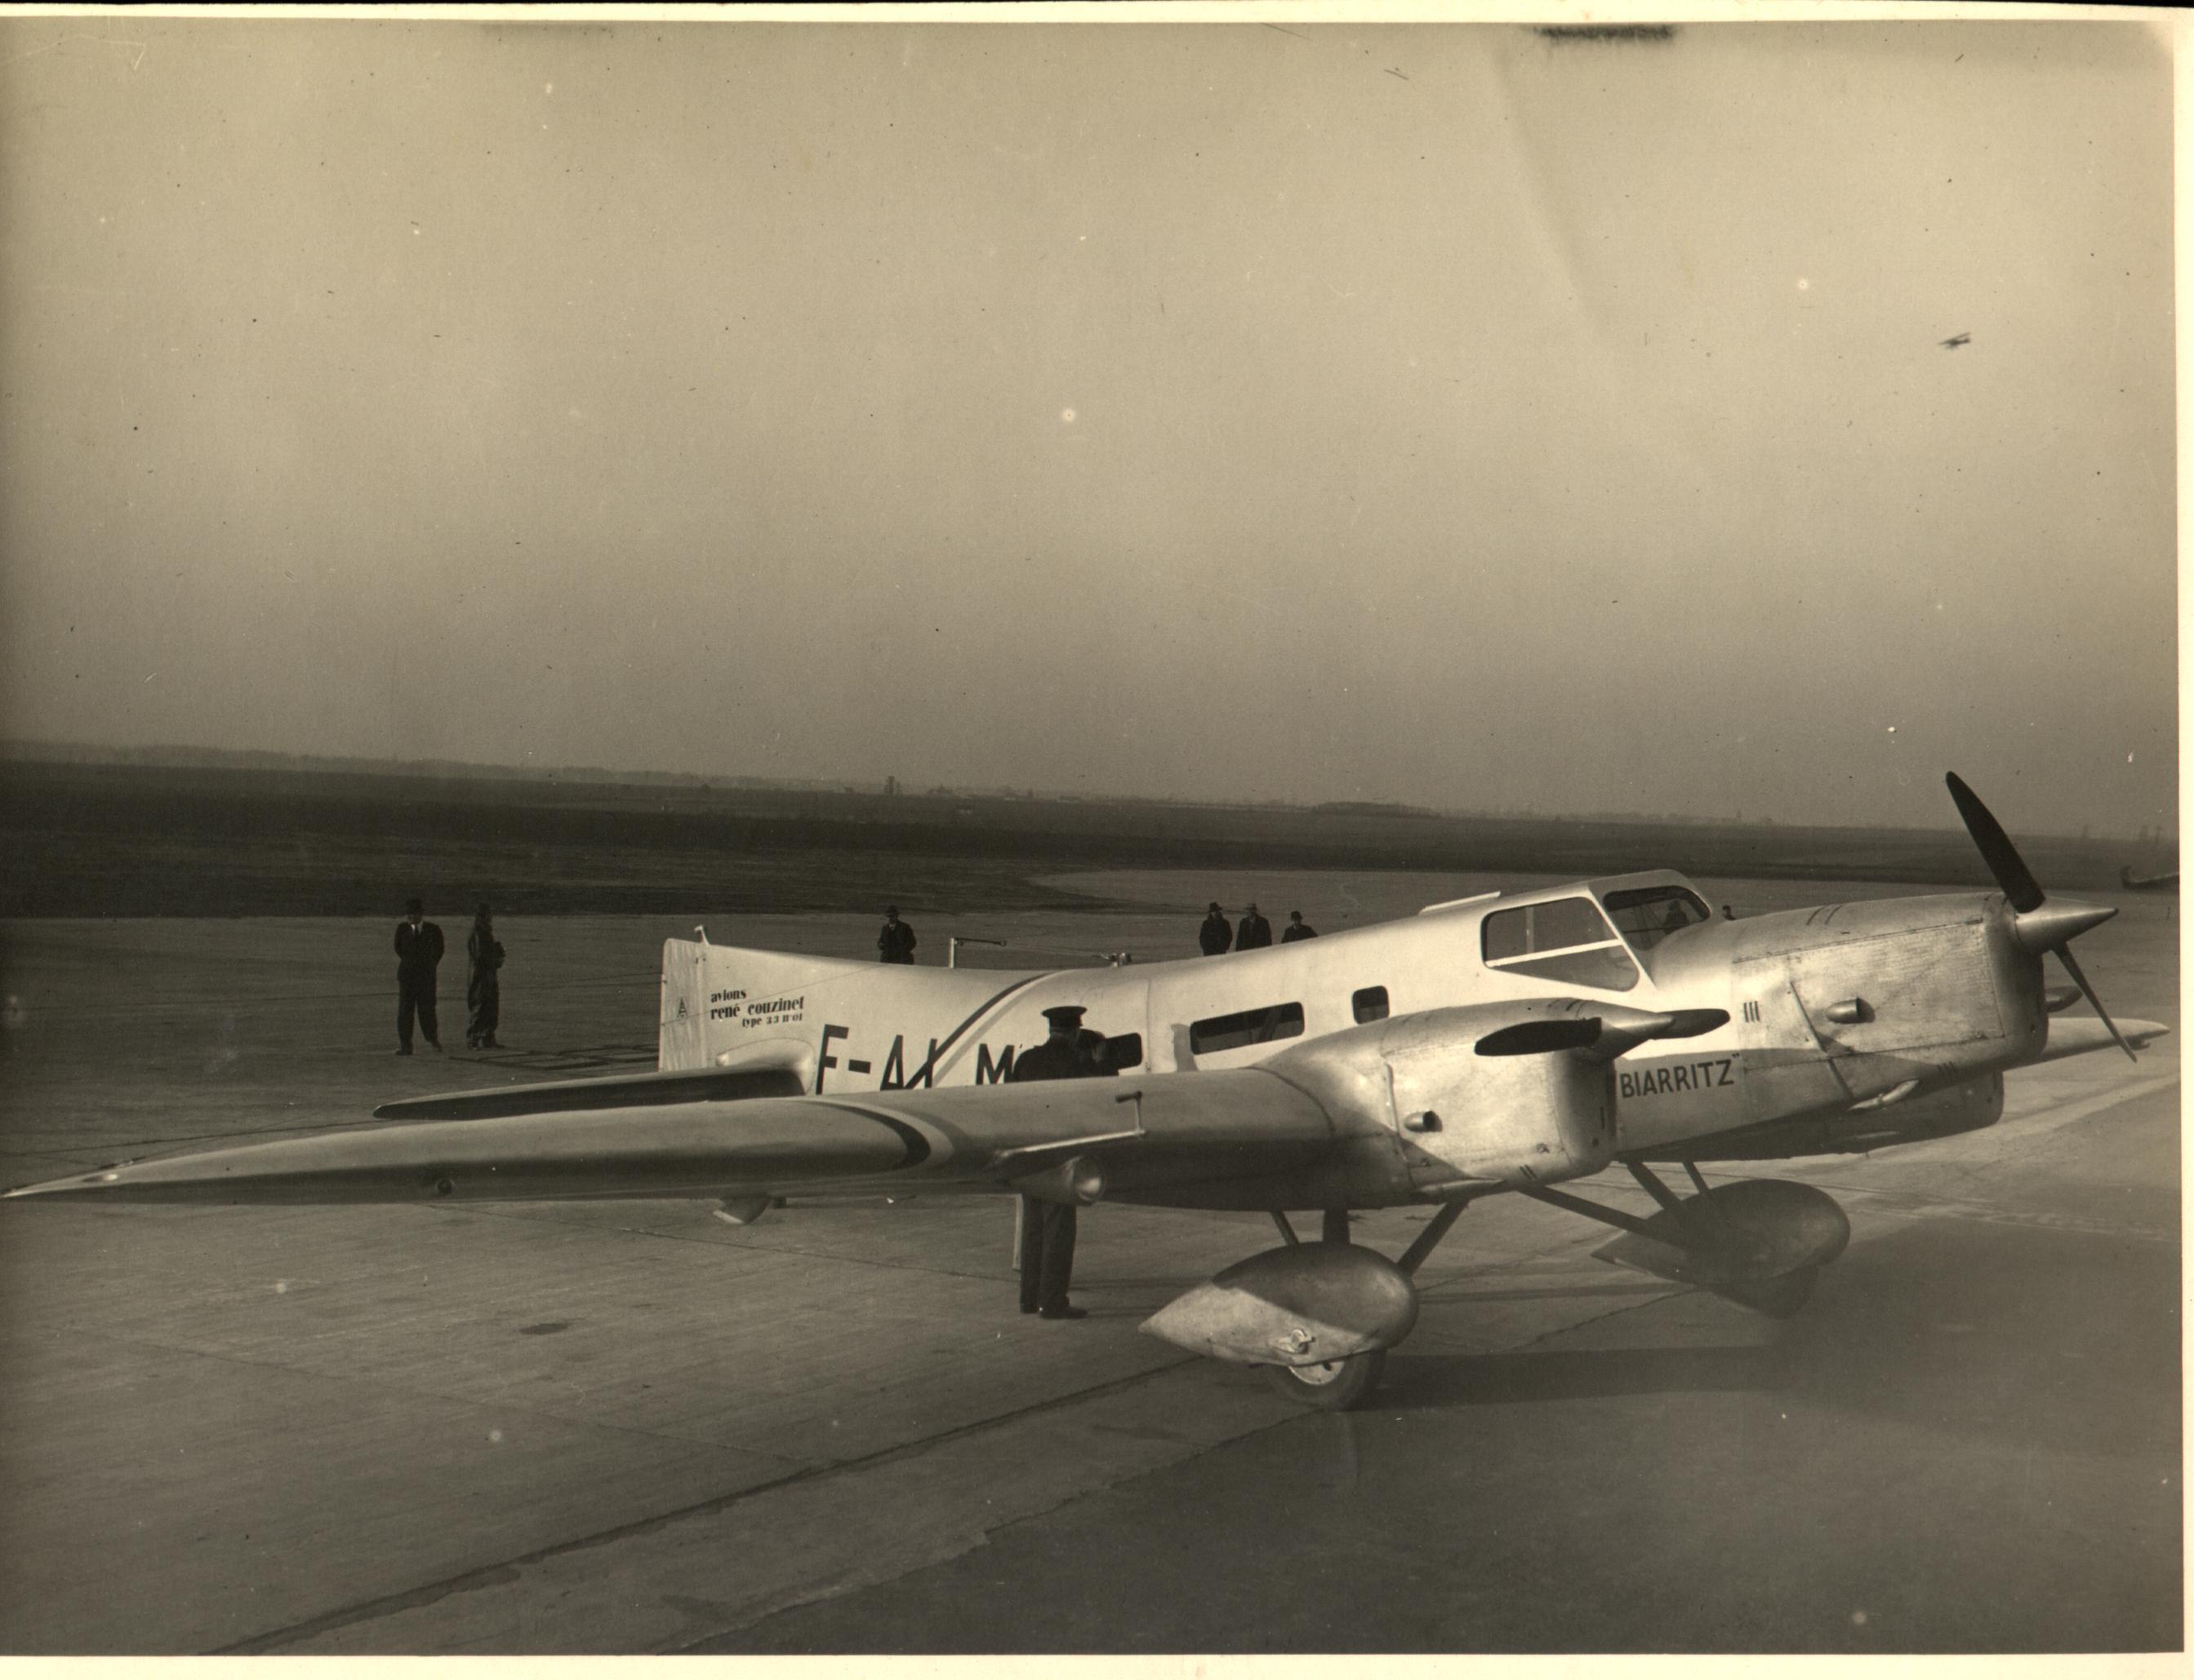 03_Le Biarritz, piloté par Charles de Verneuil, premier avion à effectuer la liaison Paris-Nouméa, soit 21 000 km, du 9 mars au 5 avril 1932.